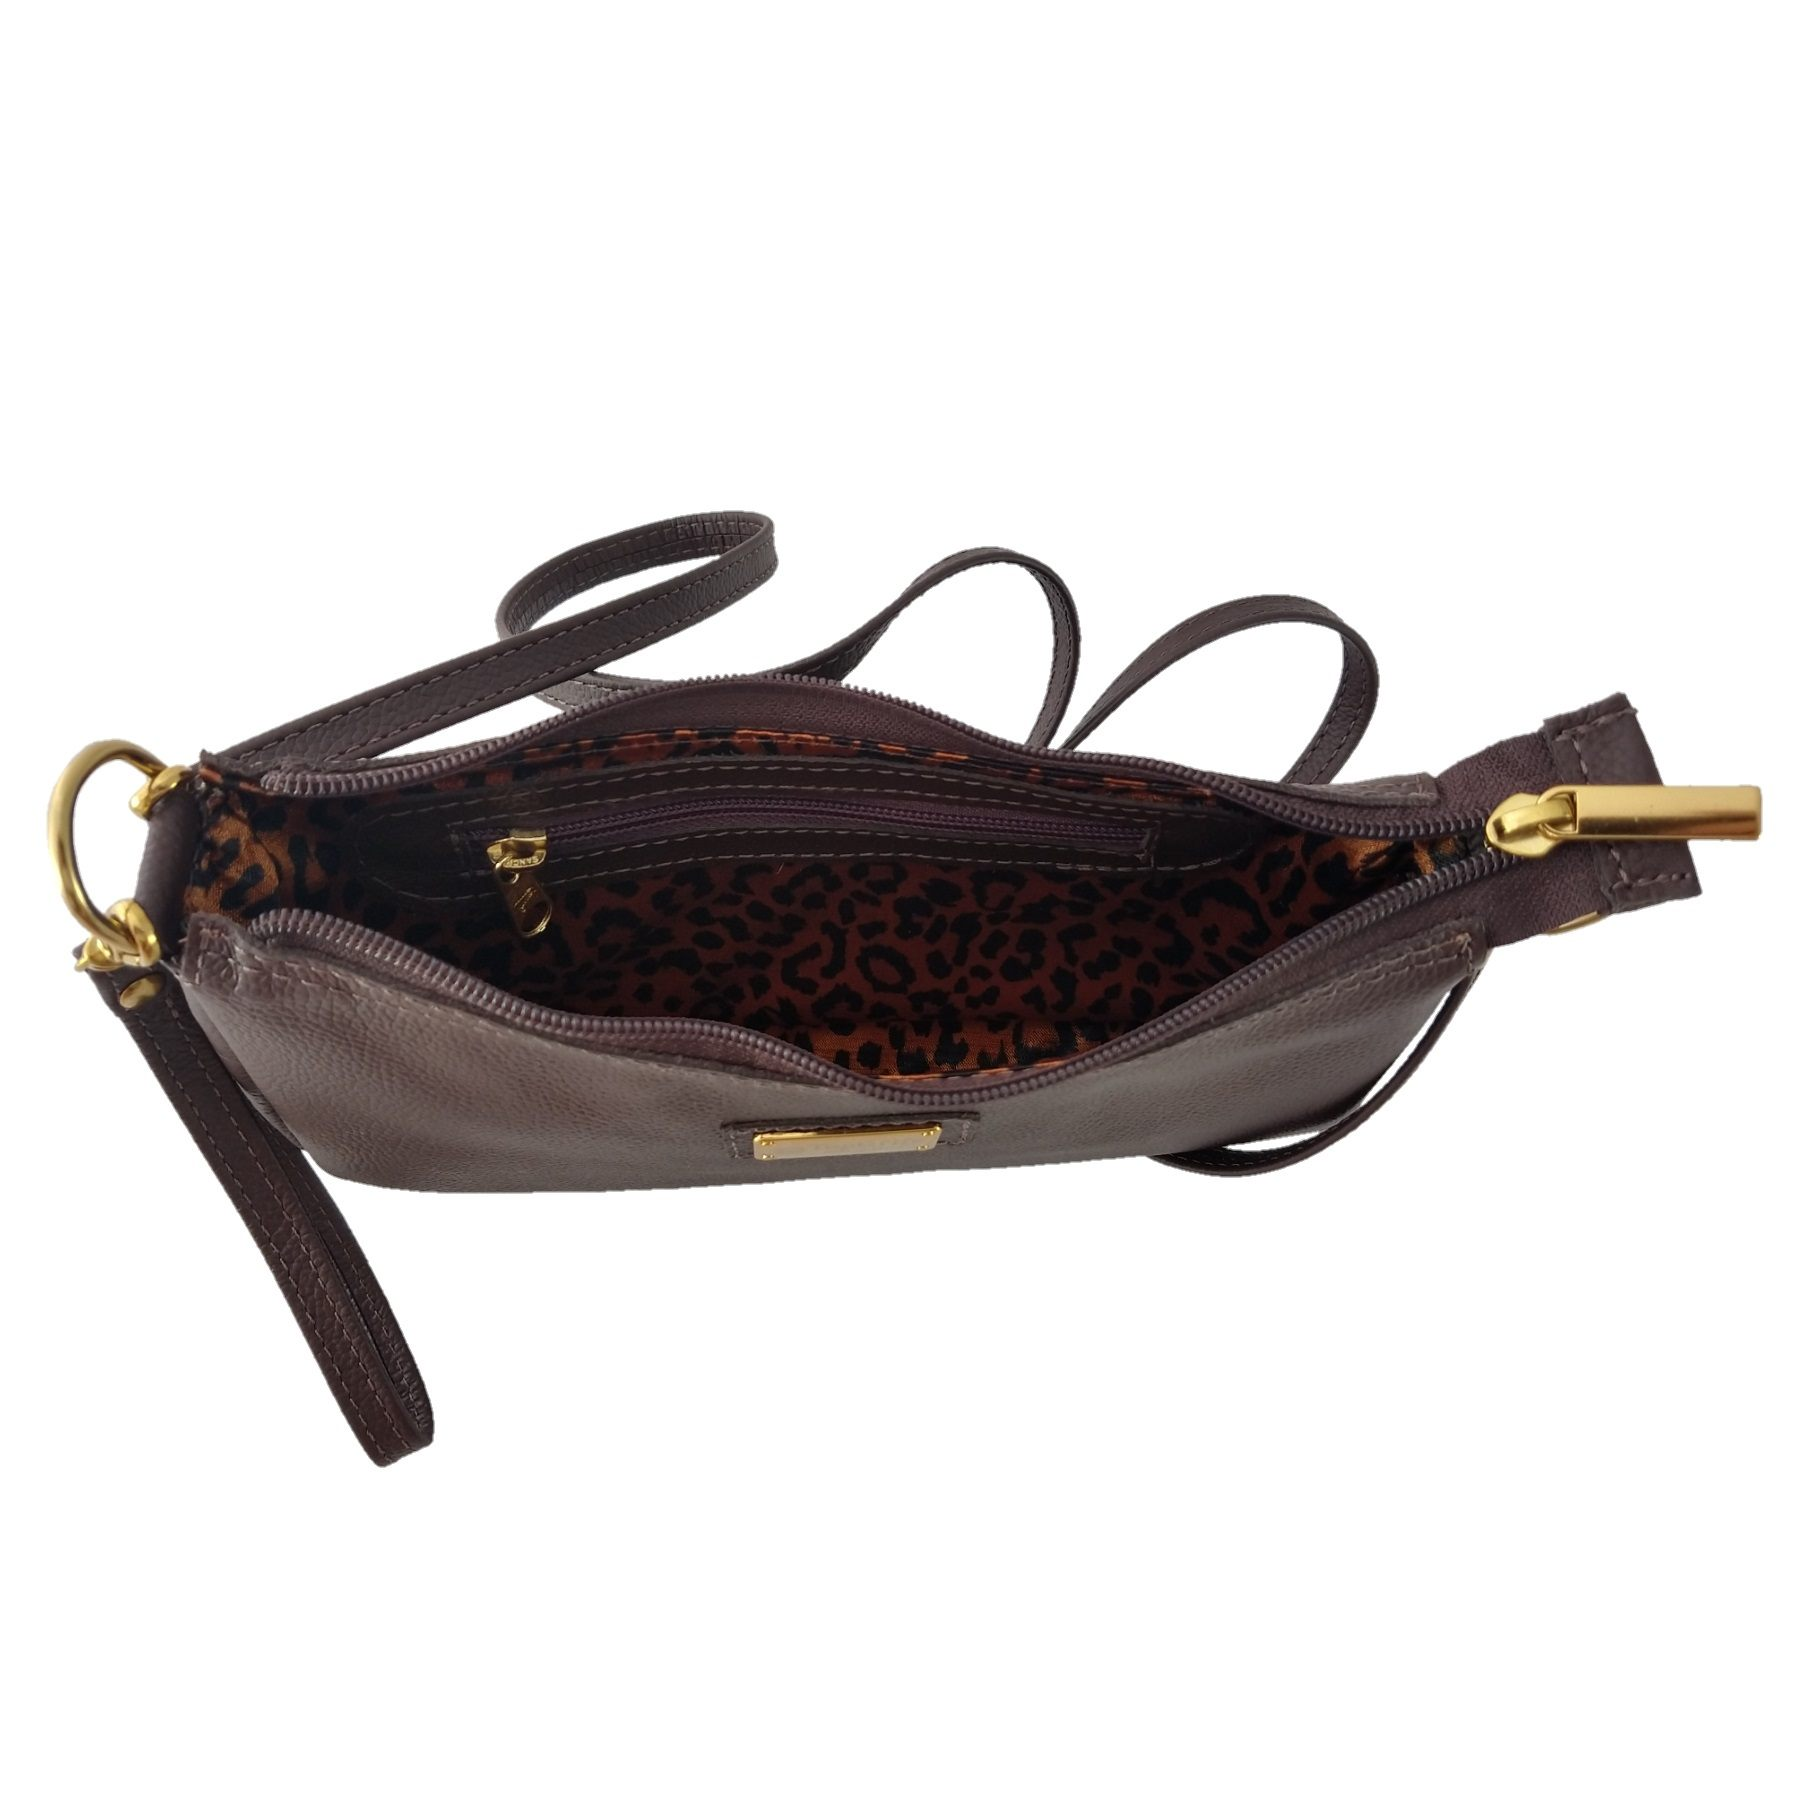 Bolsa Carteira Clutch TopGrife Transversal Couro Marrom  - SAPATOWEB.COM